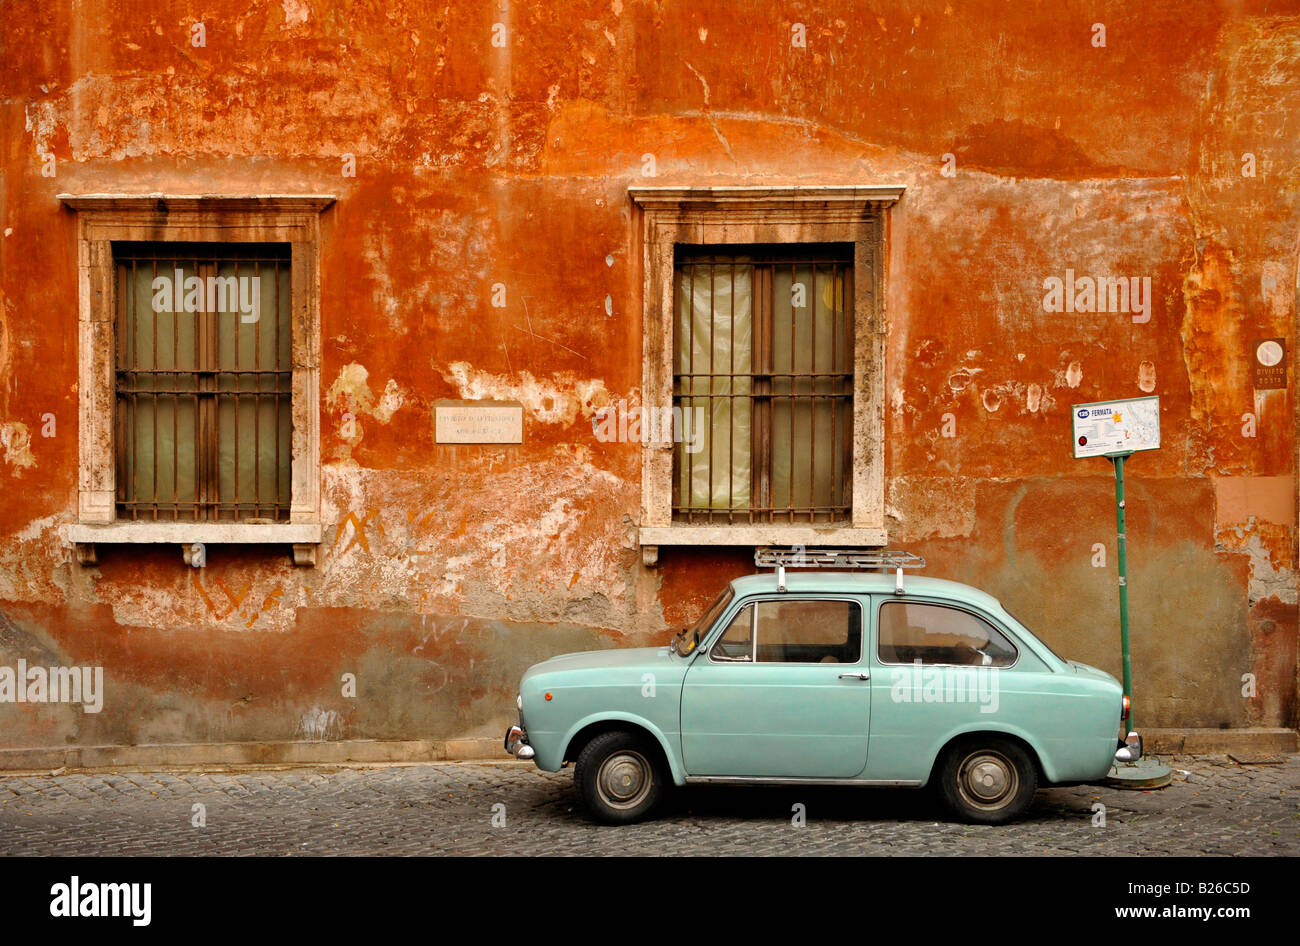 Wand des Hauses mit einem Fiat 850 vorne, Trastevere, Rom, Italien Stockfoto